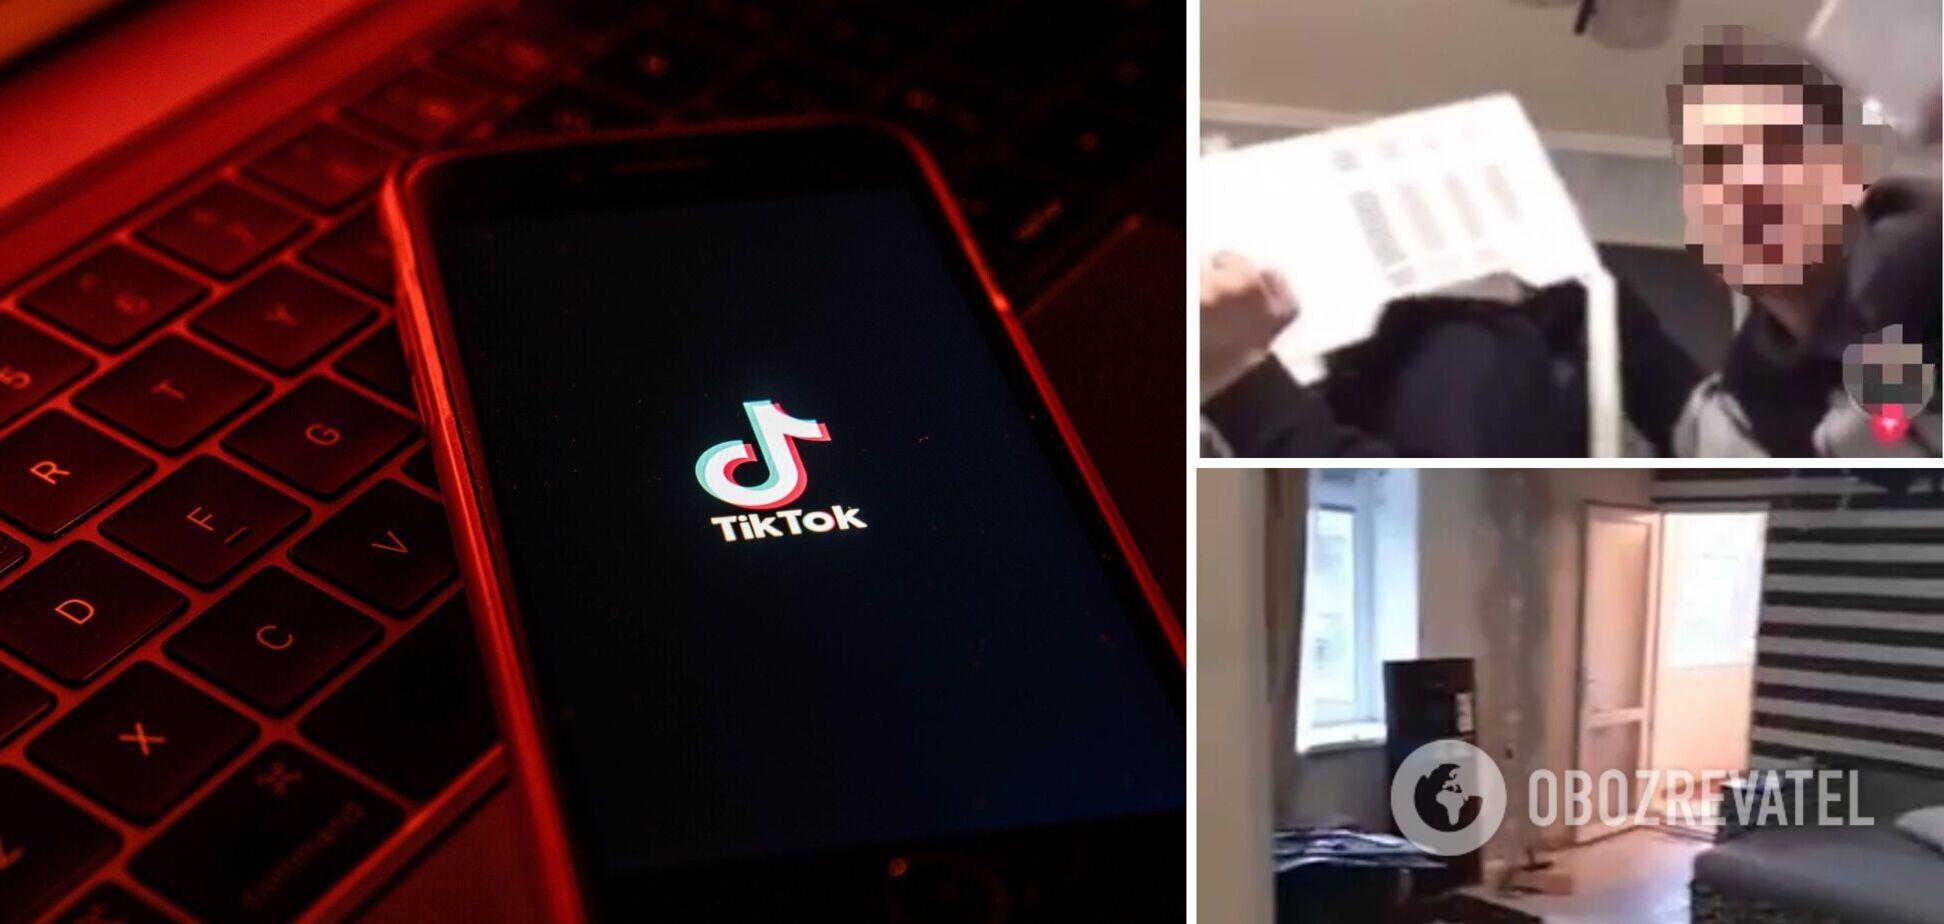 Ради TikTok: пятеро молодчиков арендовали квартиру в центре столицы и разгромили ее